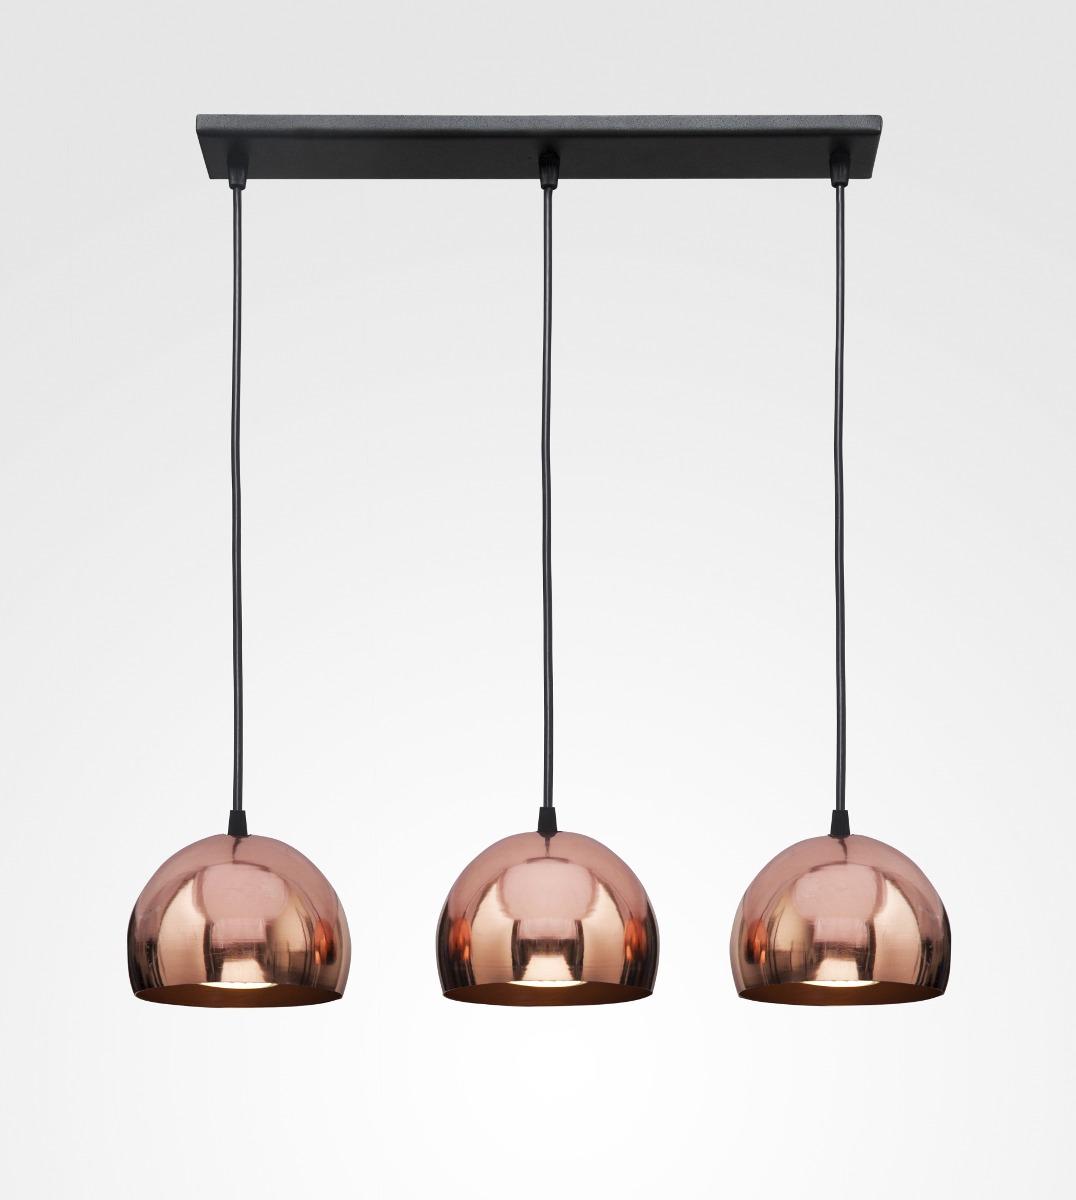 Tres 16 Cm Laqueado Lámpara Esferas Cobre VqzpMGSU